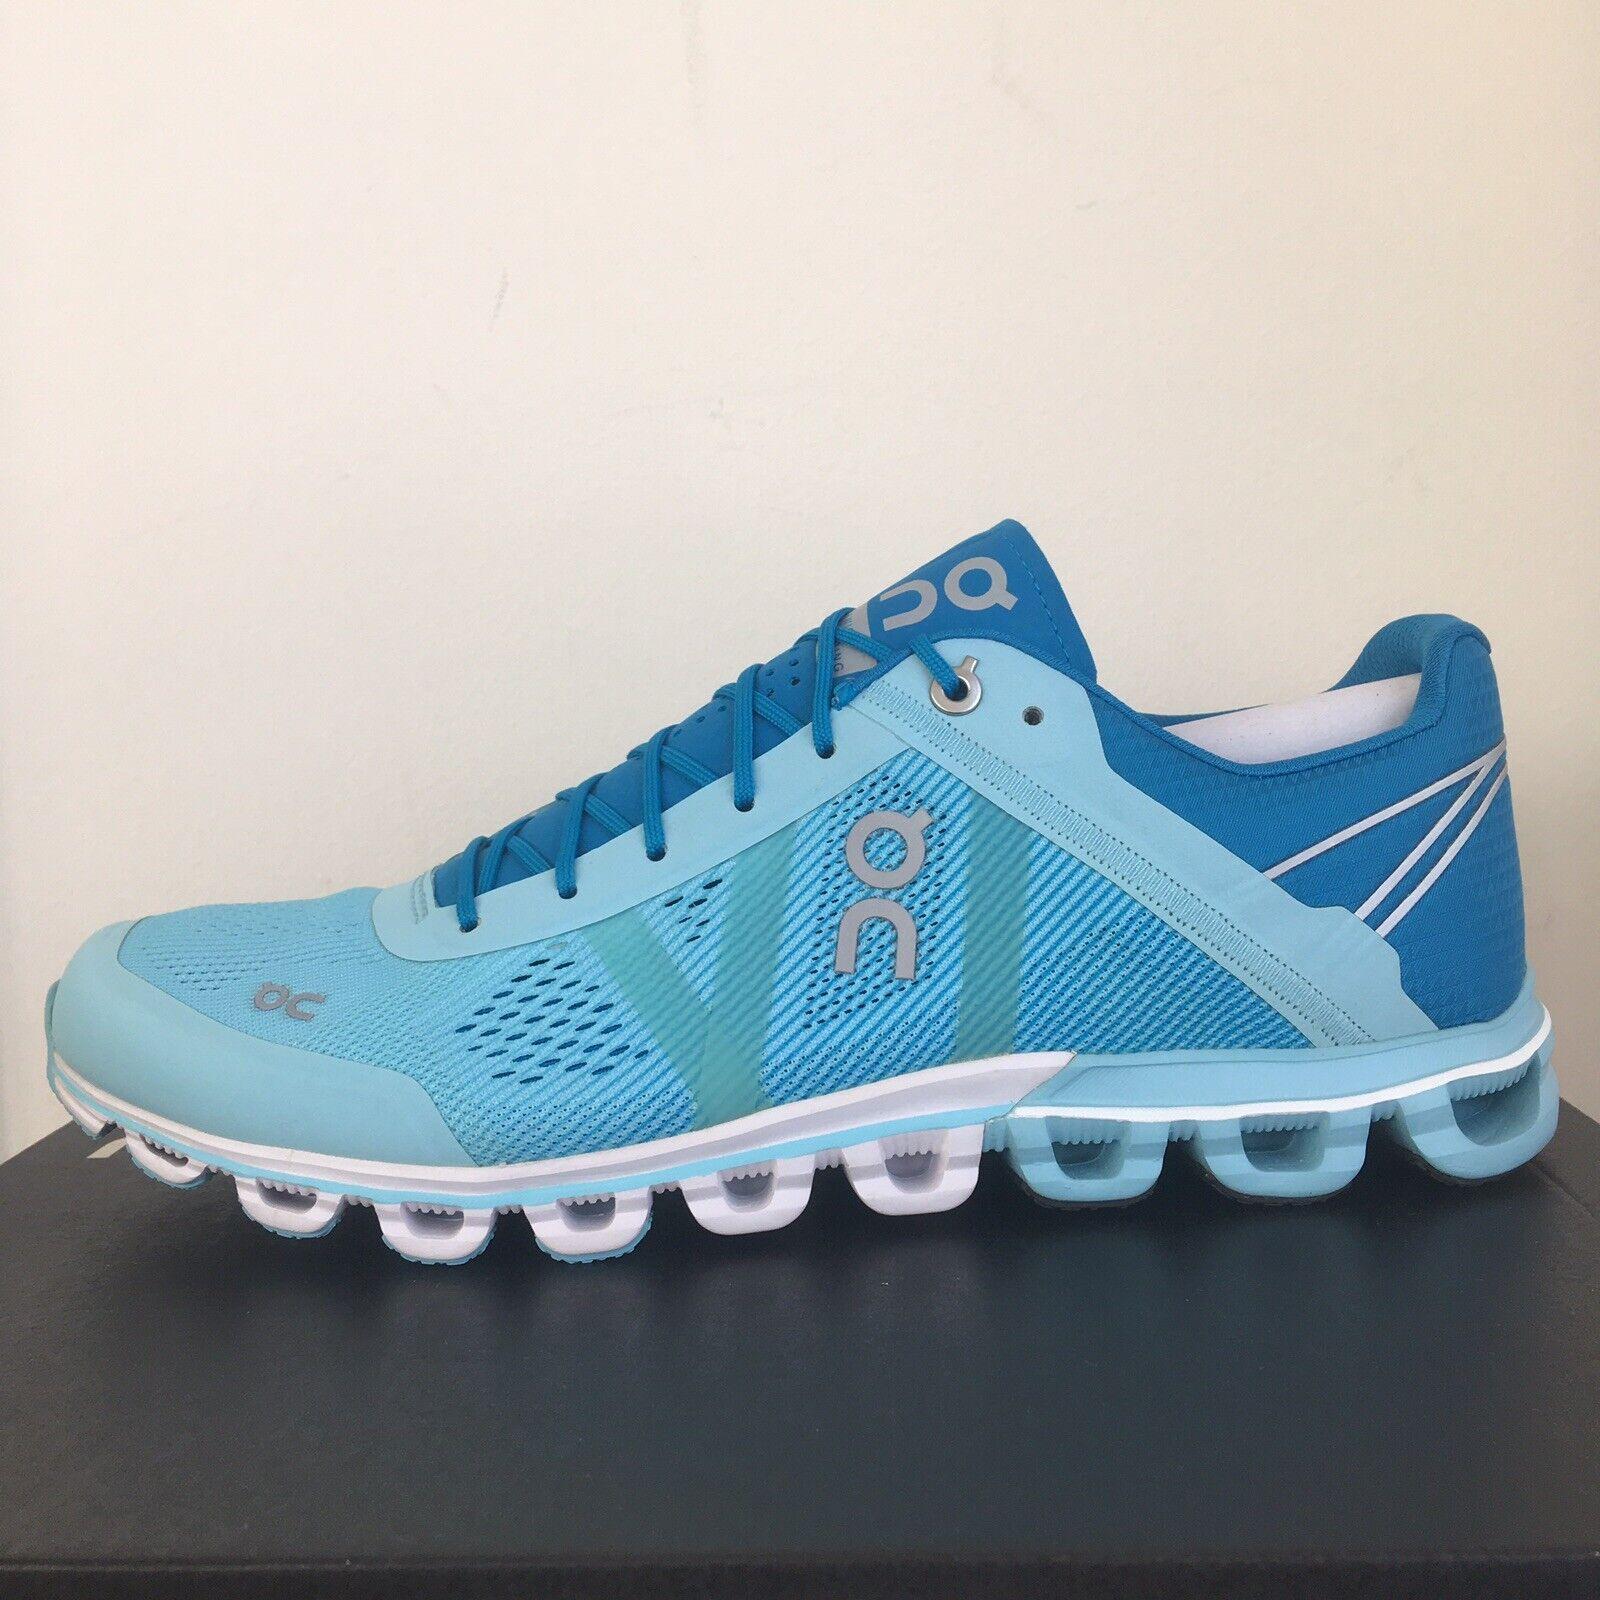 62631d1f En cloudflow Sz 10 Road tenis De Correr Azul neblina para mujer Neutral  NUEVO Athletic nocpgm76-Zapatillas deportivas